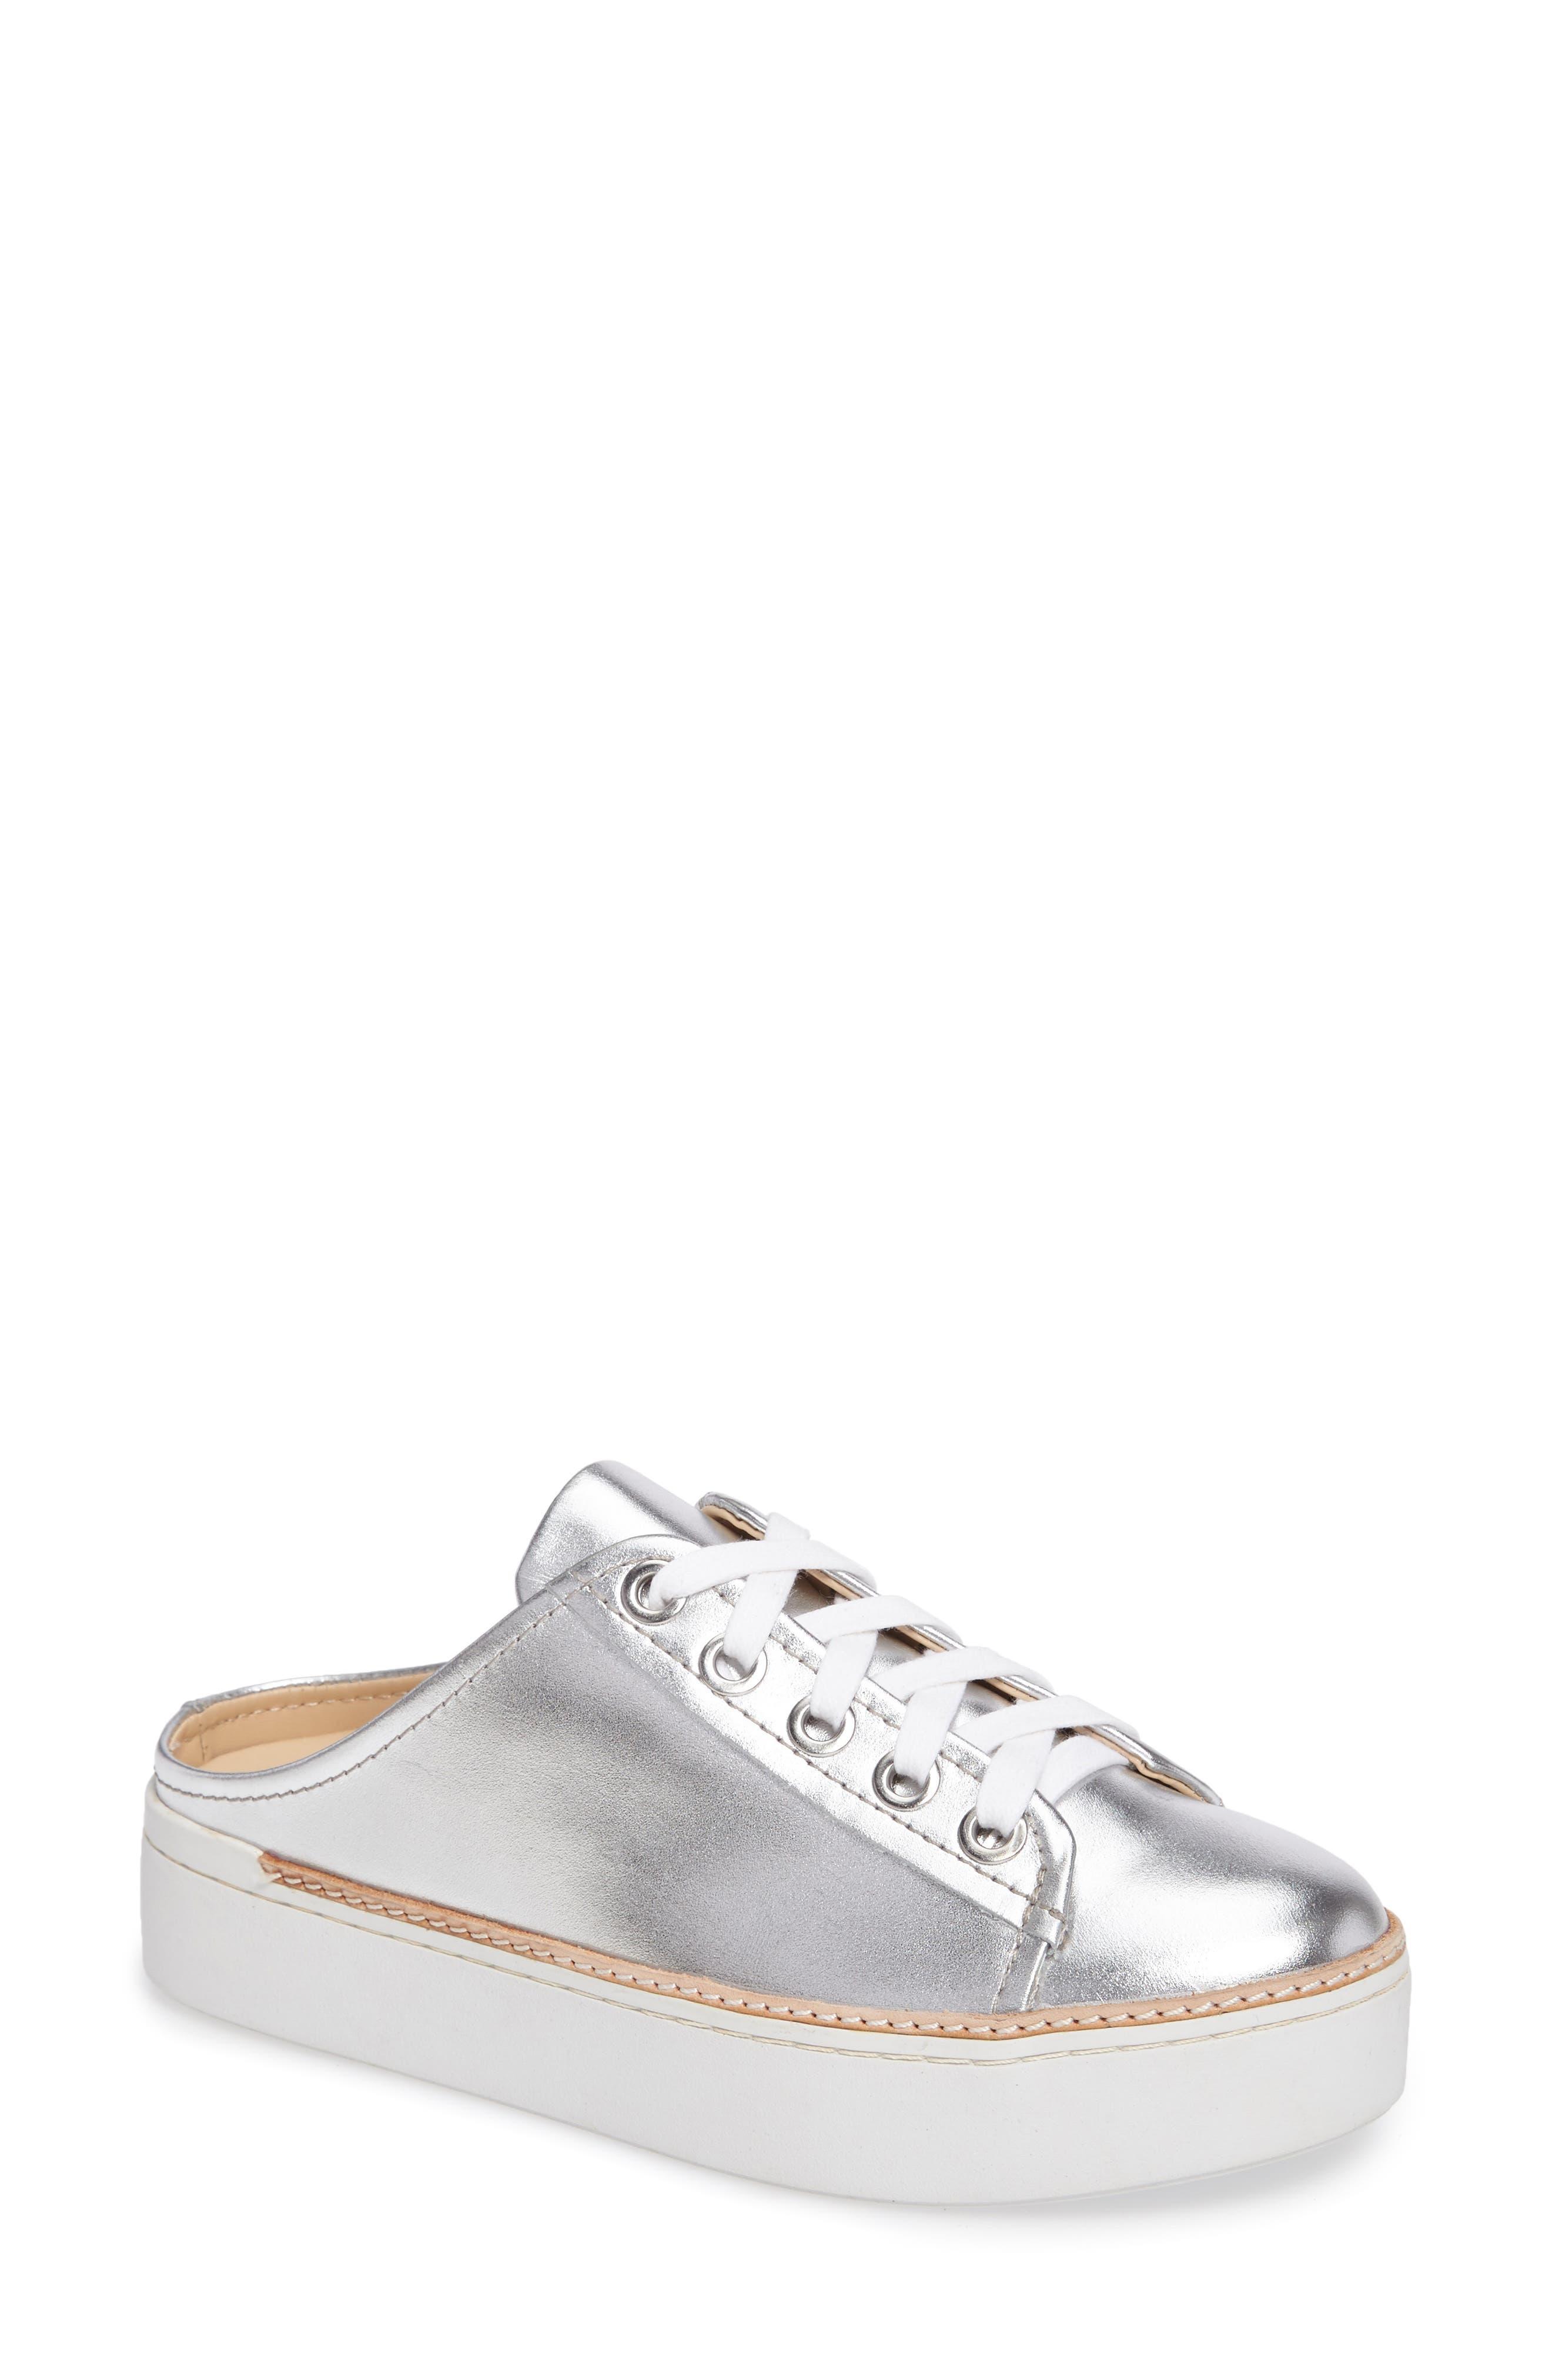 M4D3 Platform Mule Sneaker, Main, color, SILVER